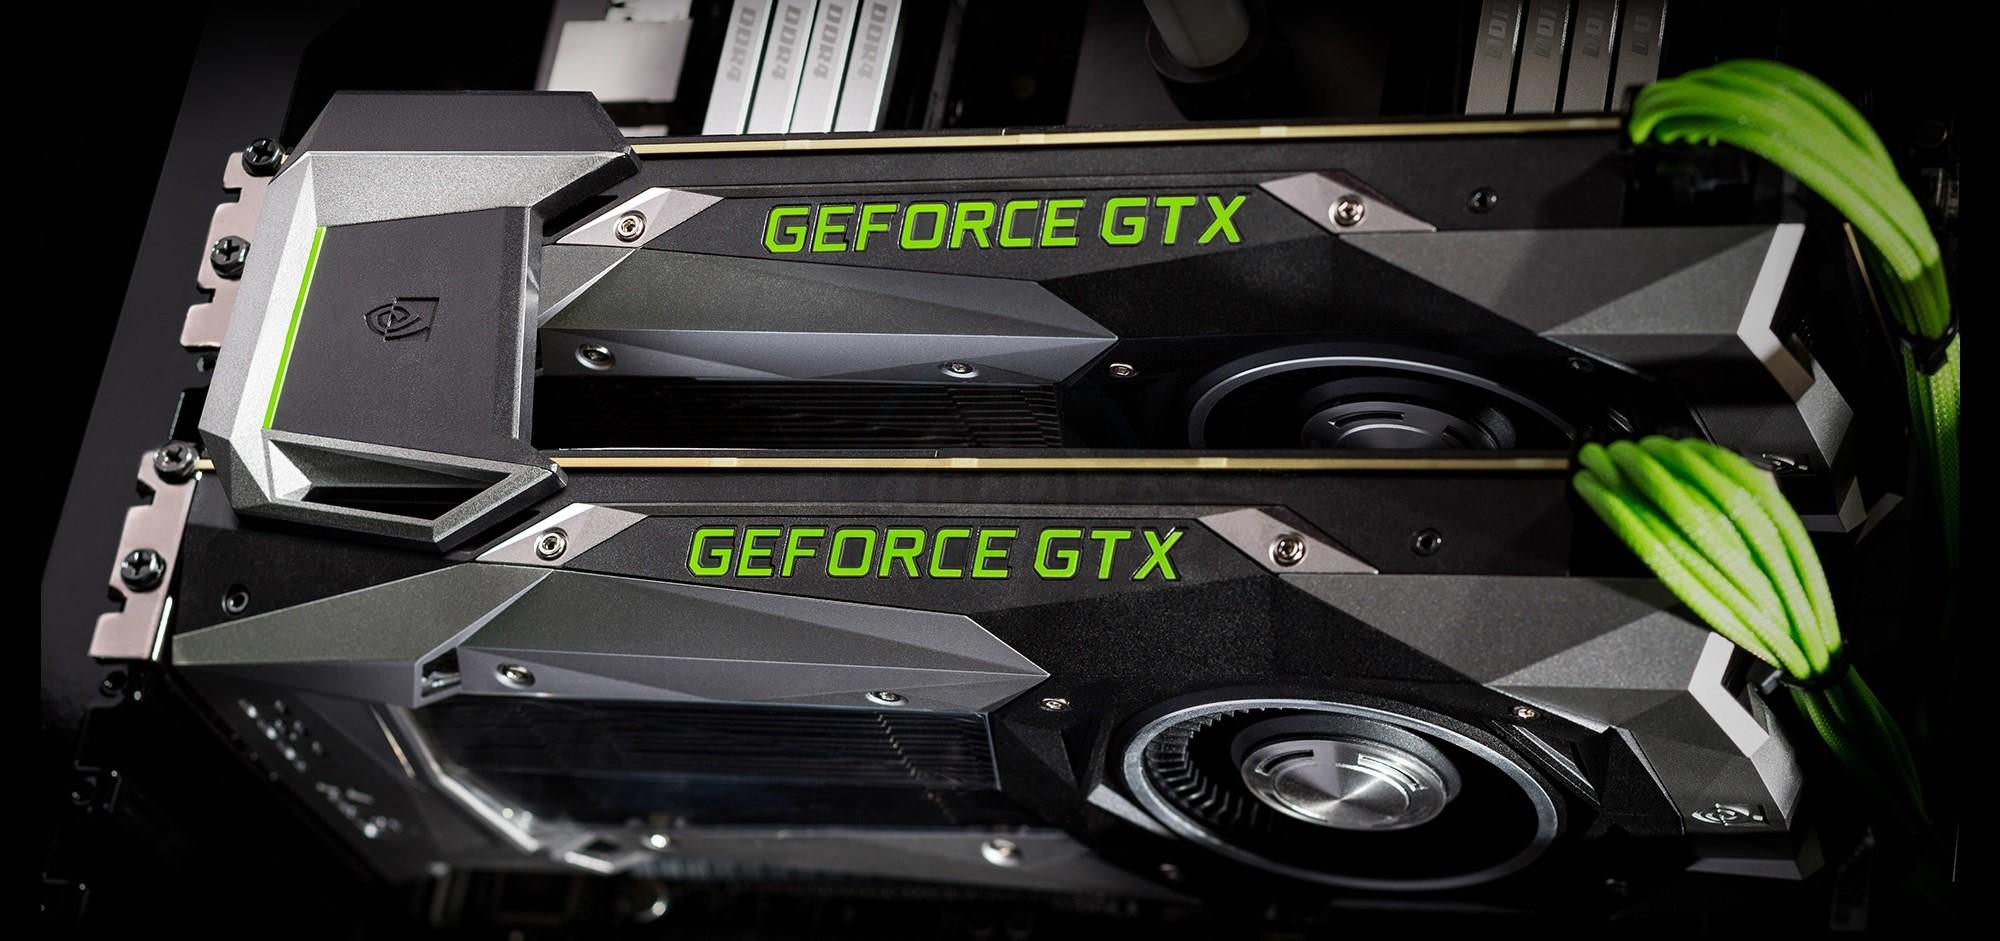 Las GeForce Pascal están limitadas a configuraciones 2-Way SLI como máximo